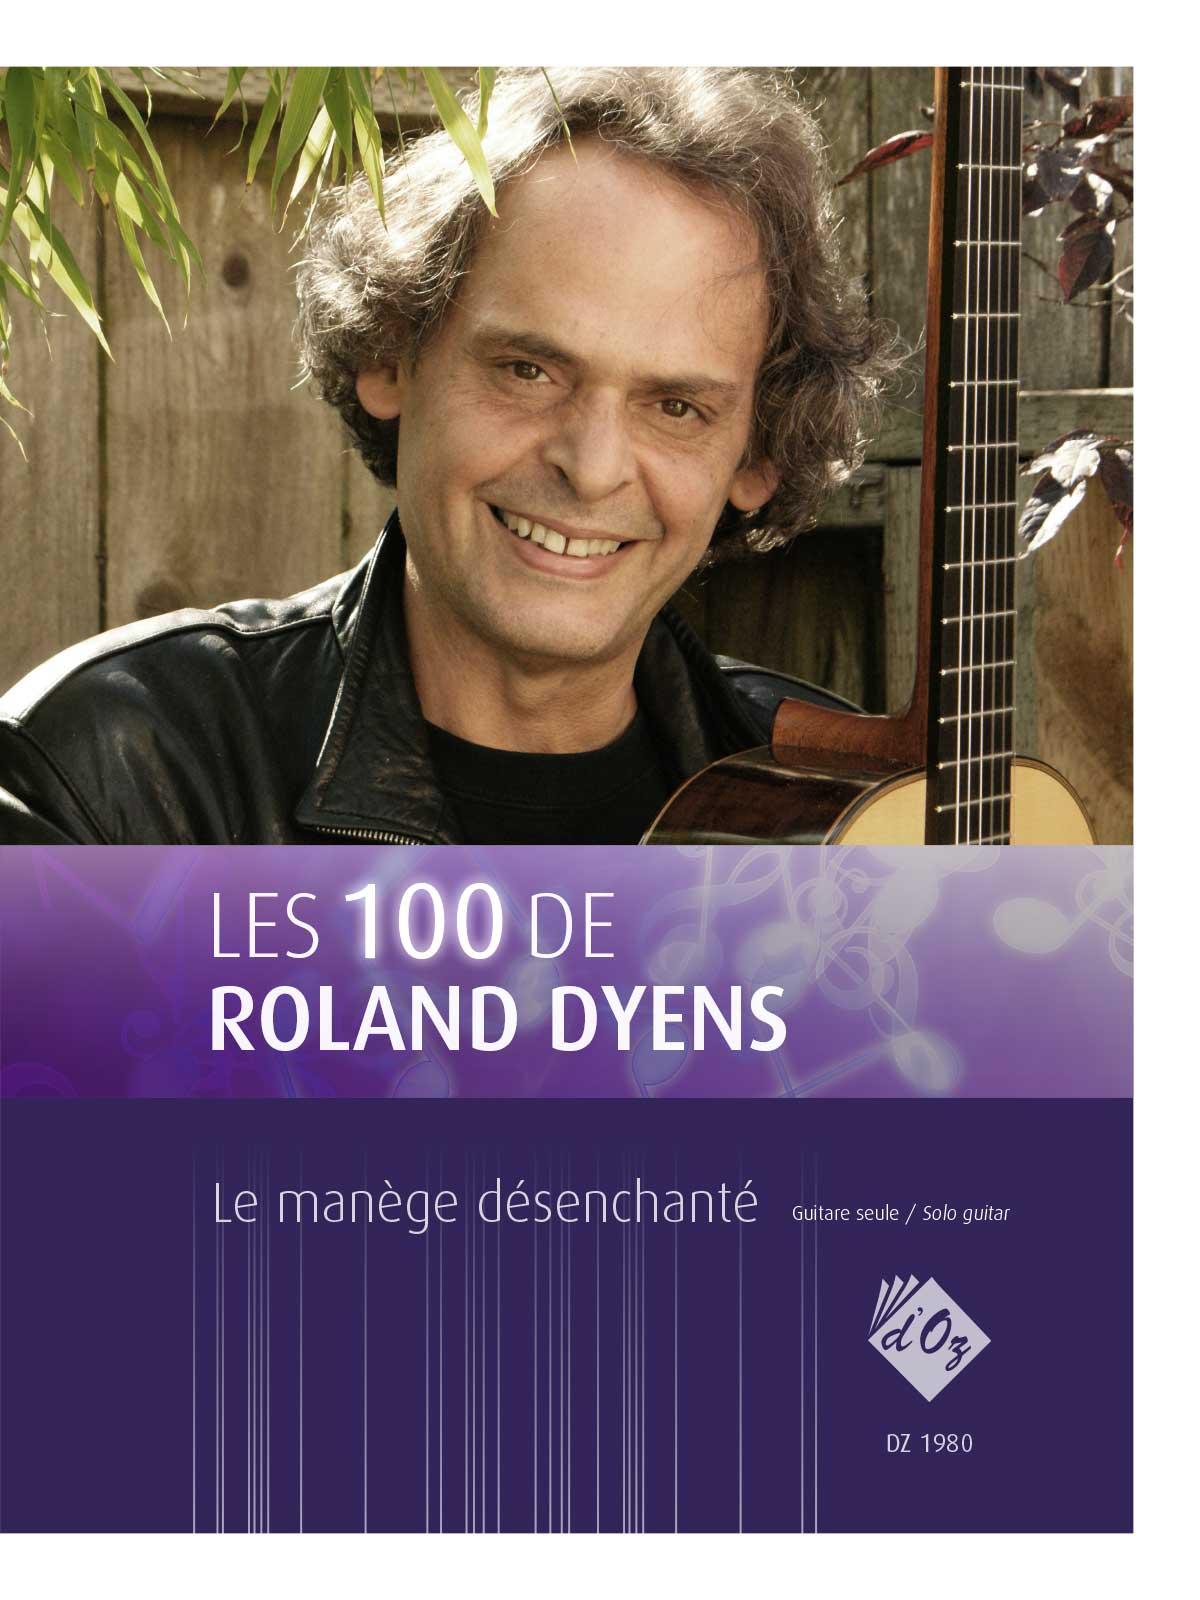 Les 100 de Roland Dyens - Le manège désenchanté